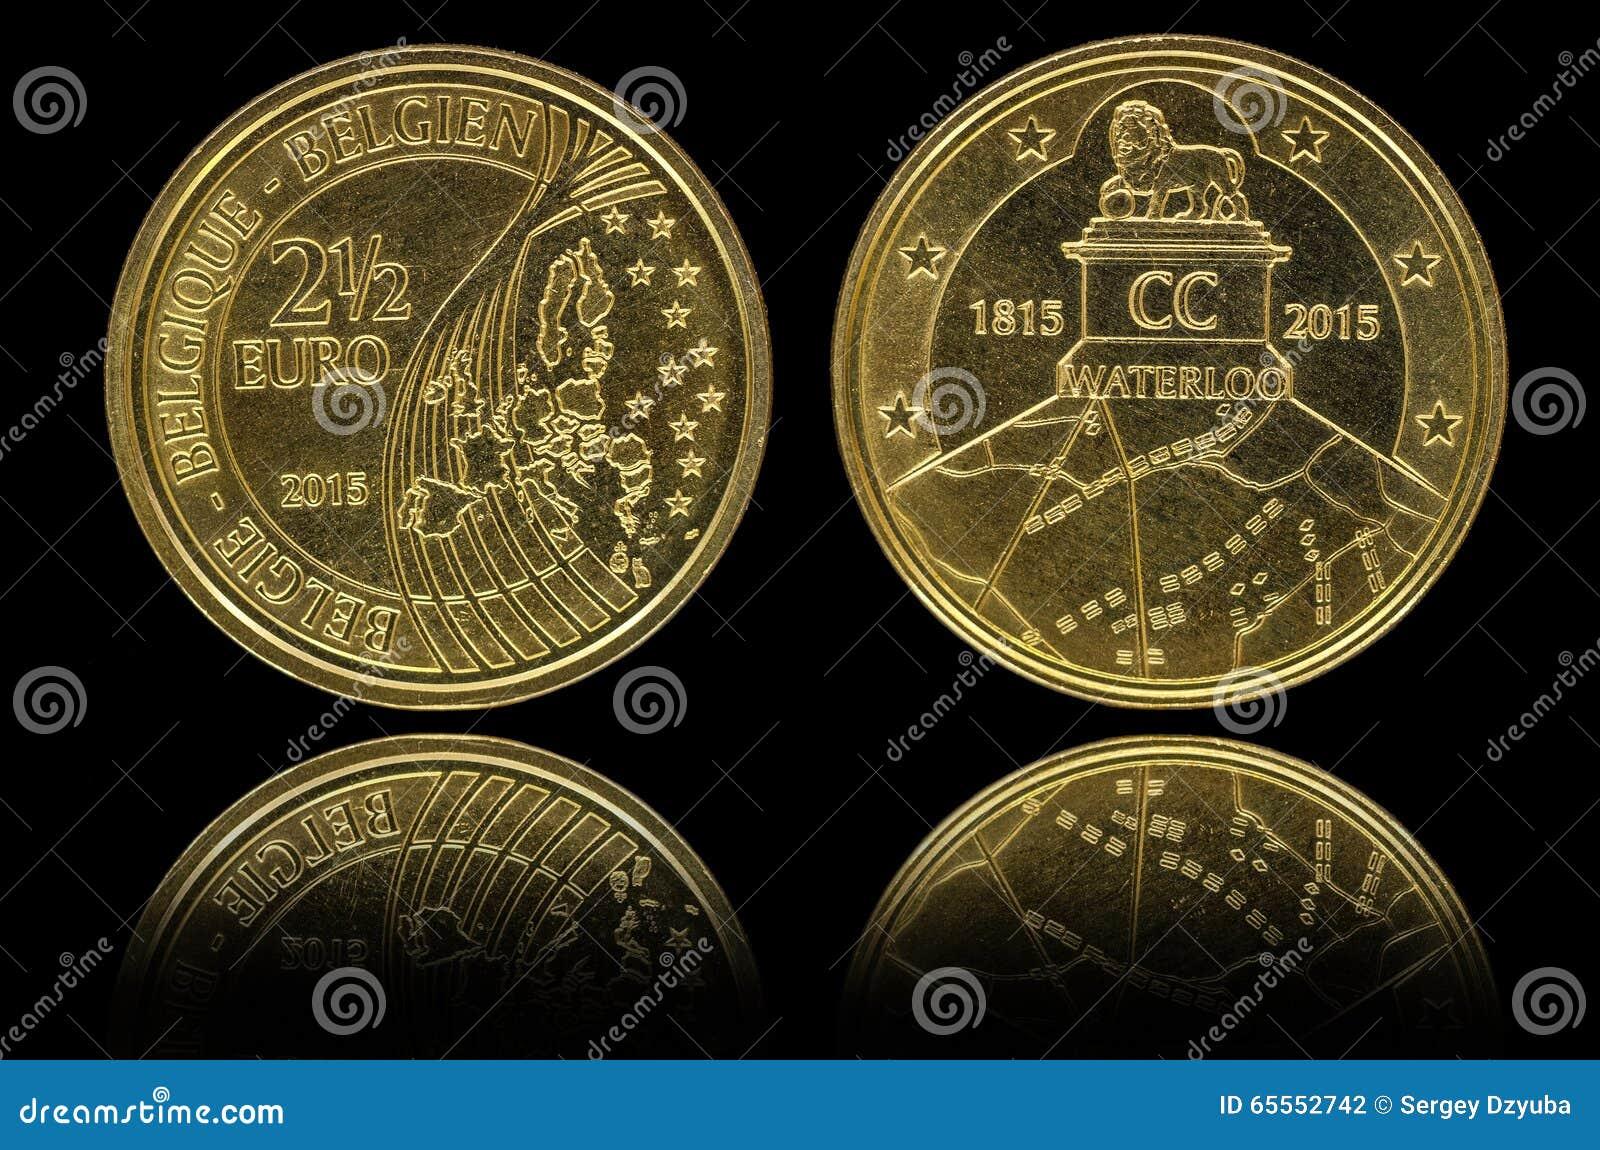 Re: Me voy a londres, ¿ dónde es más barato cambiar euros en libras?